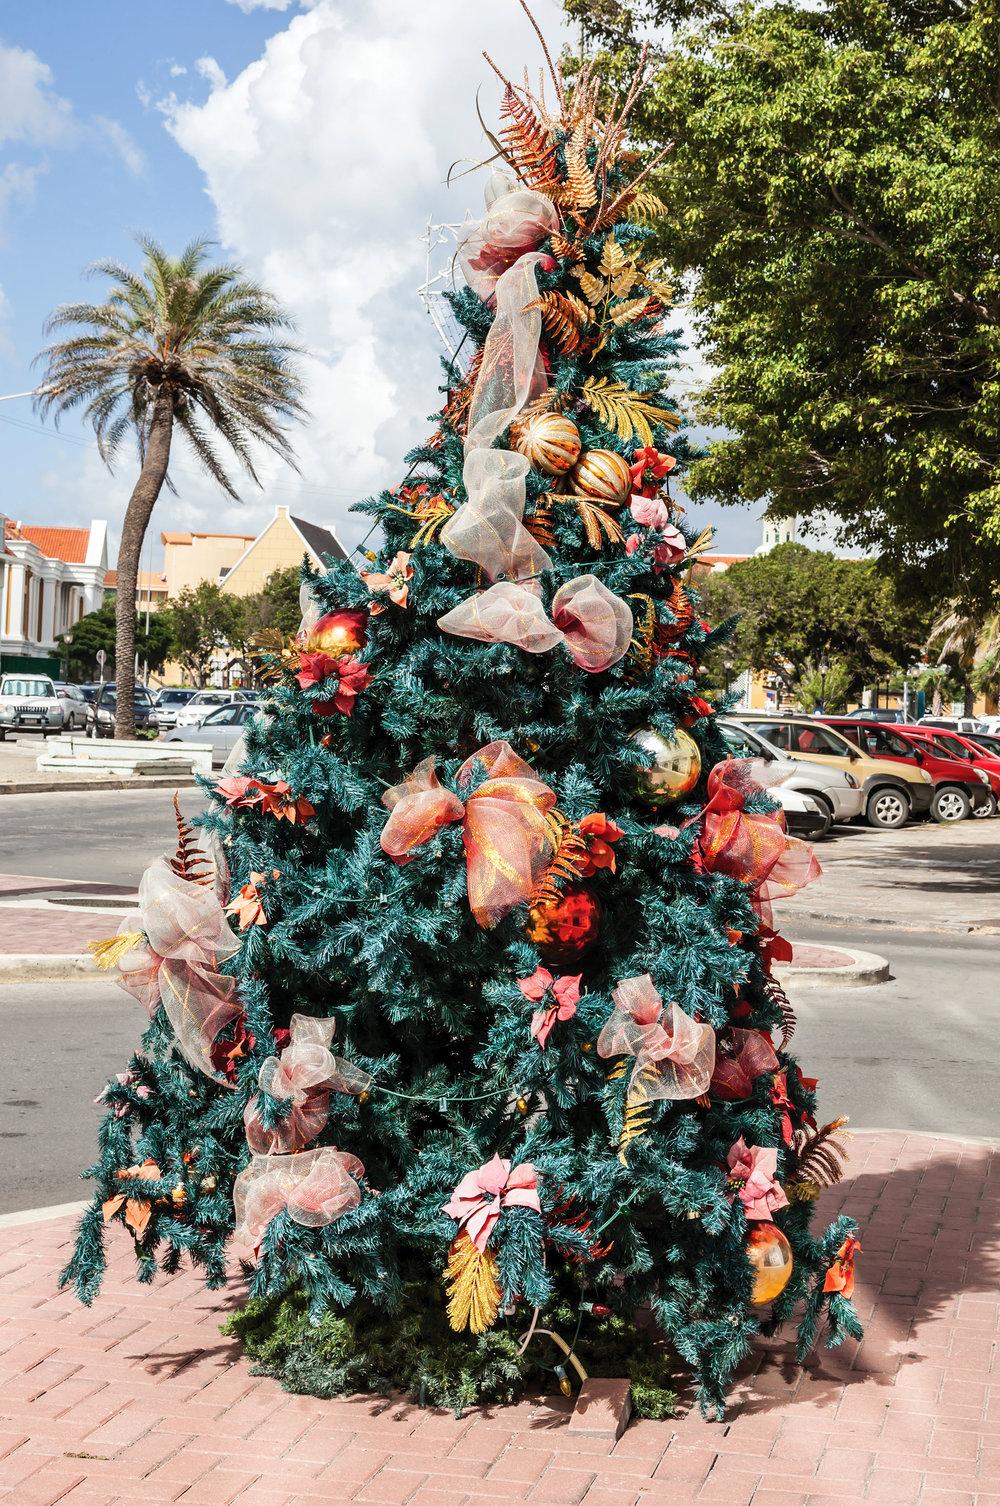 庫拉索島上,椰子樹、棕櫚樹等熱帶植物與聖誕樹一同矗立在路旁。